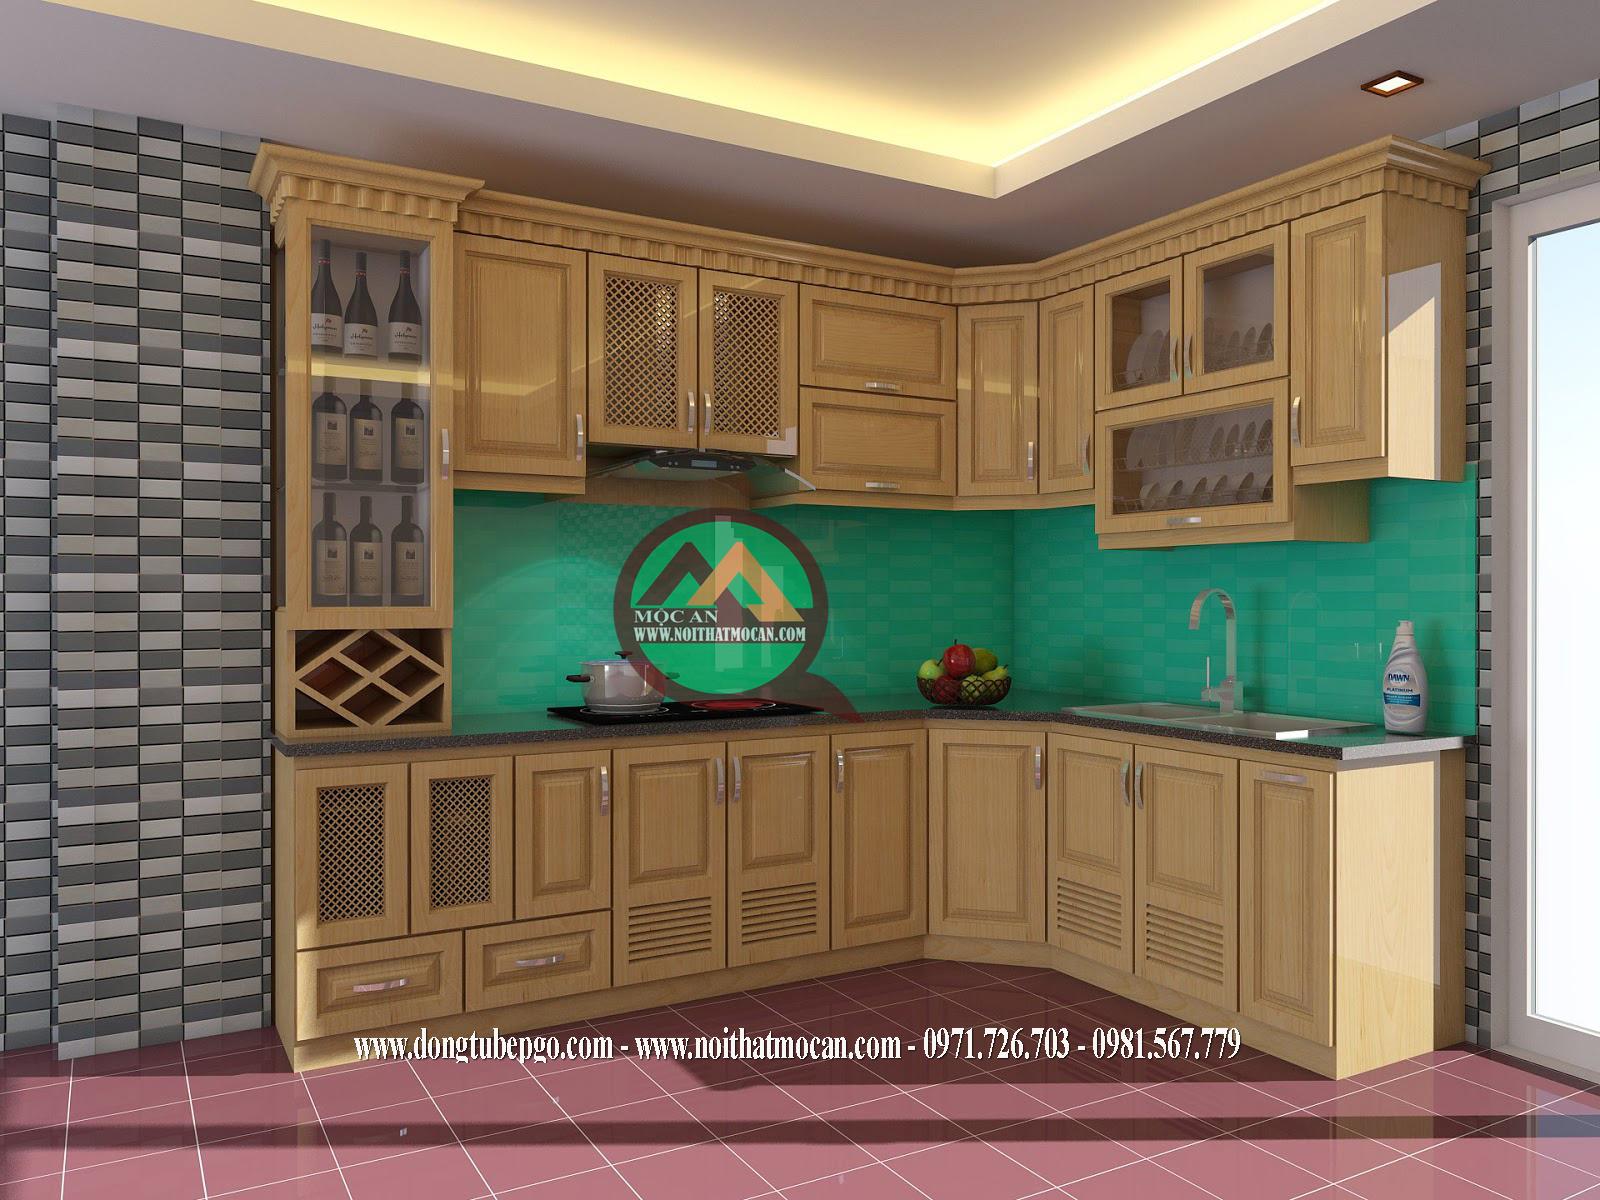 đóng tủ bếp chuyên nghiệp